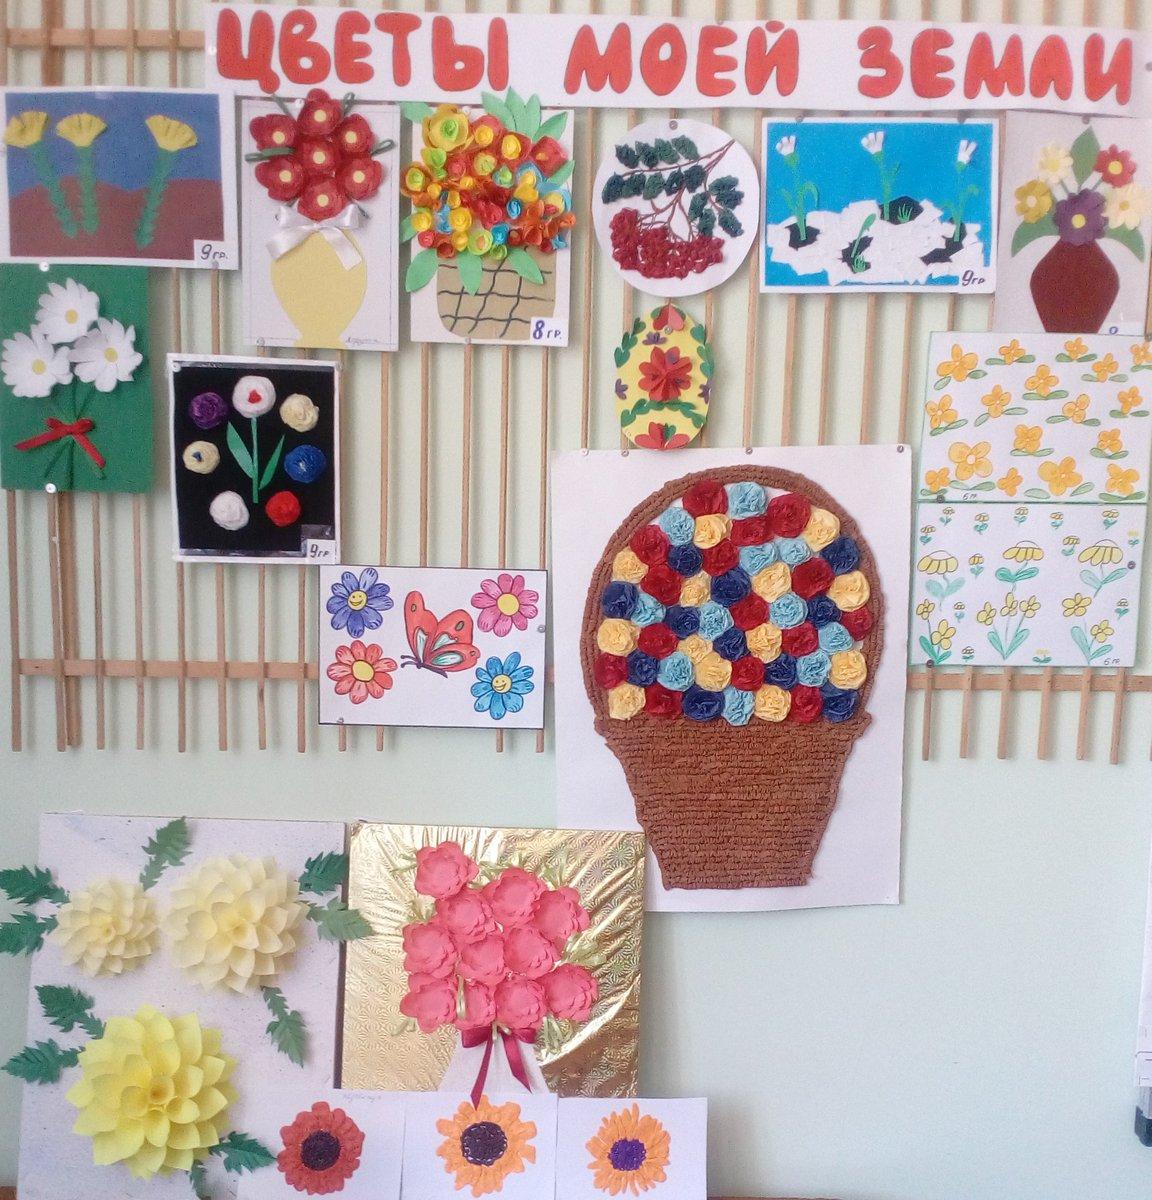 Гбу со сергиевский пансионат для детей инвалидов отзывы о пансионате для престарелых